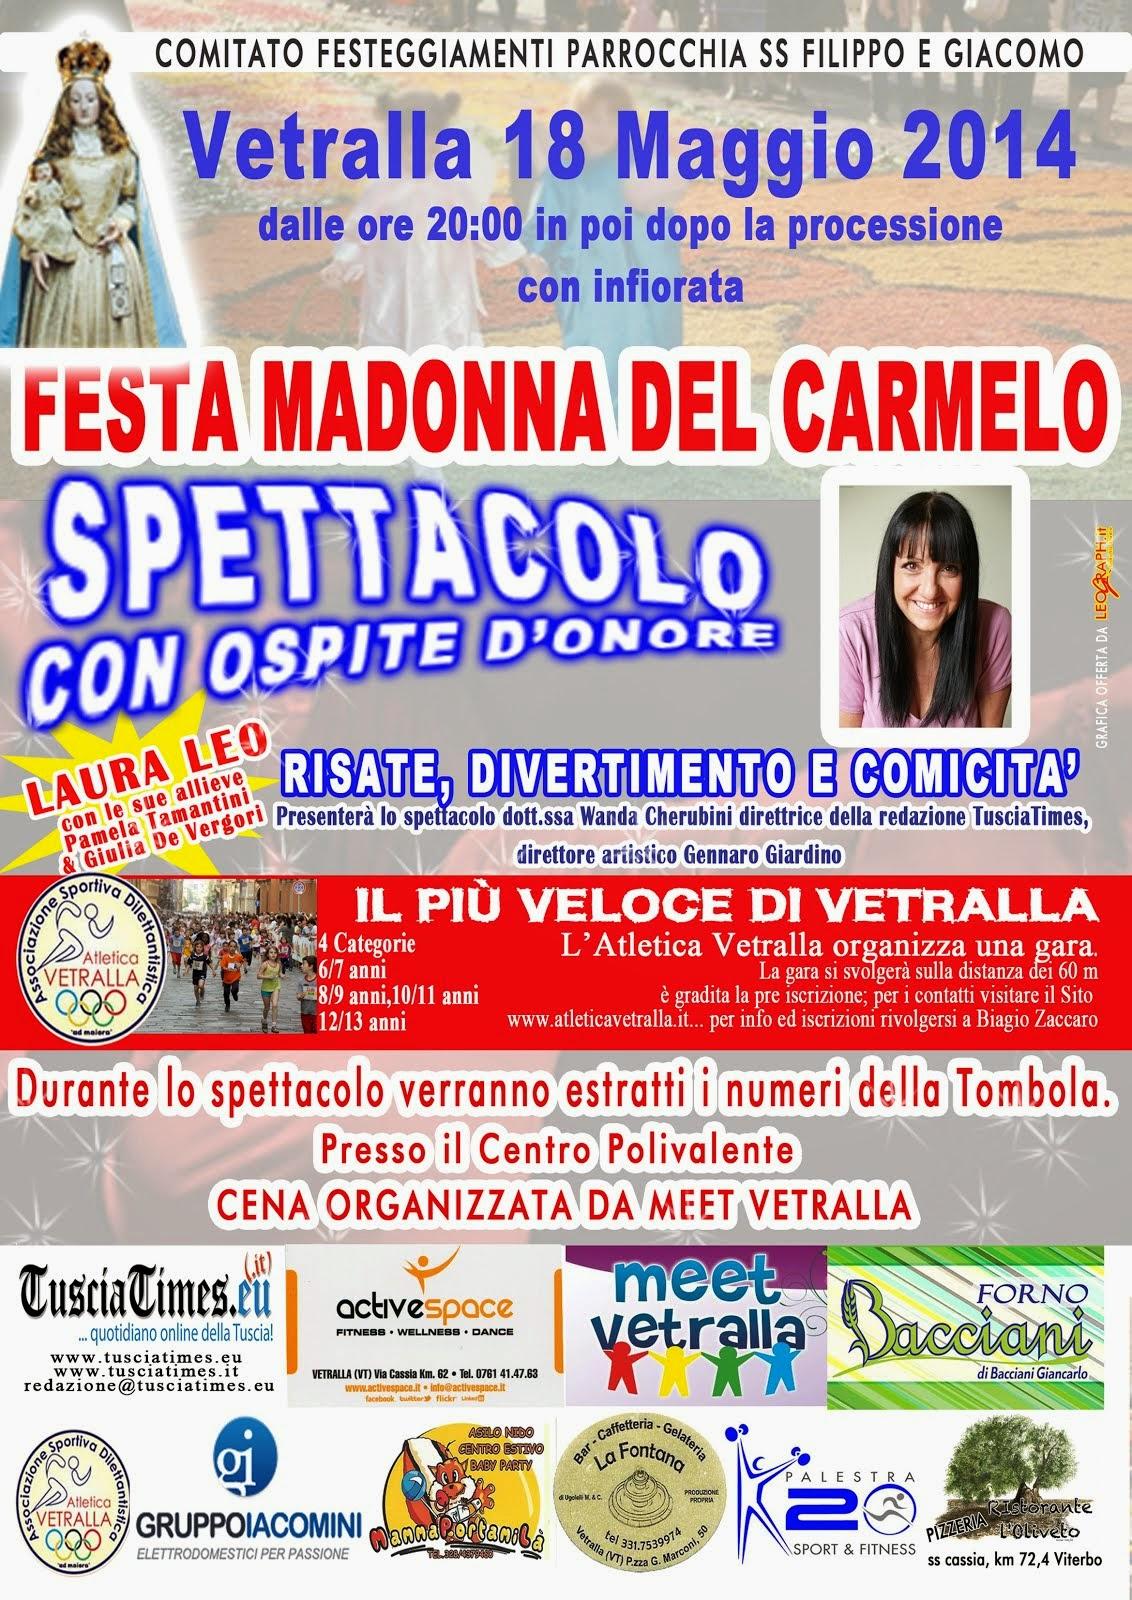 Vetralla Festa Madonna del Carmelo